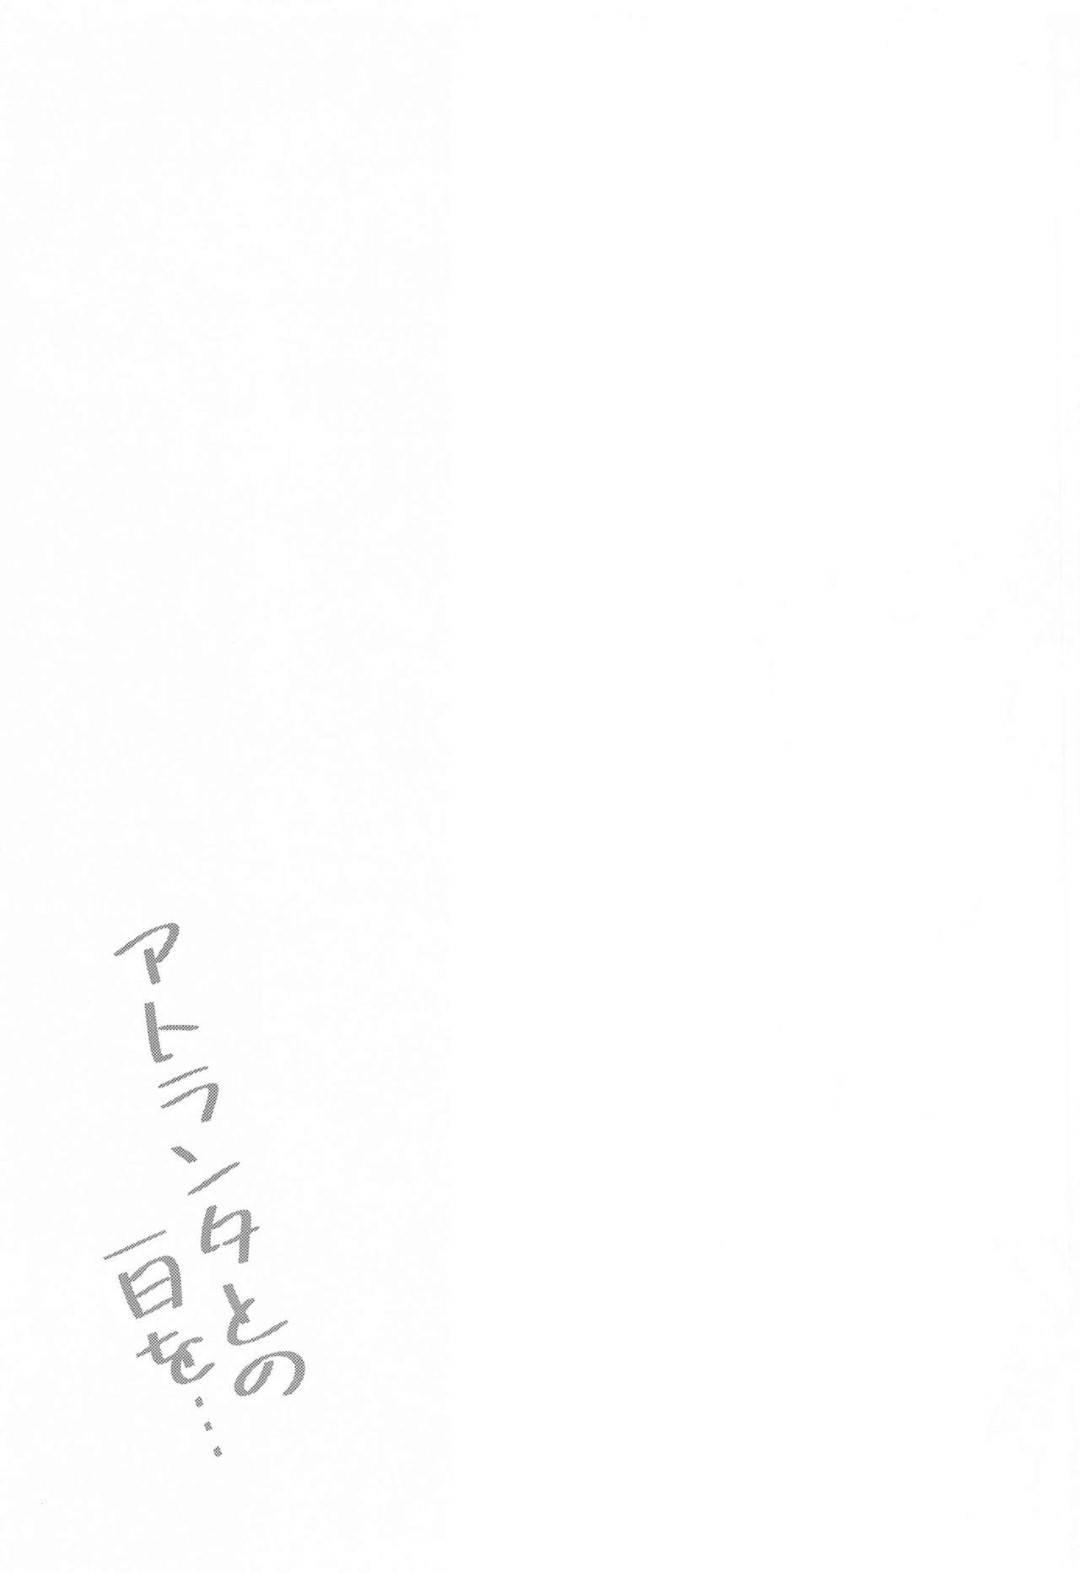 【エロ同人誌】寝ている提督におっぱいを吸わせて手コキするアトランタ…他の娘たちに取られる前に毎回授乳手コキしイチャラブ生ハメ中出しセックスでイキまくる【艦これ】